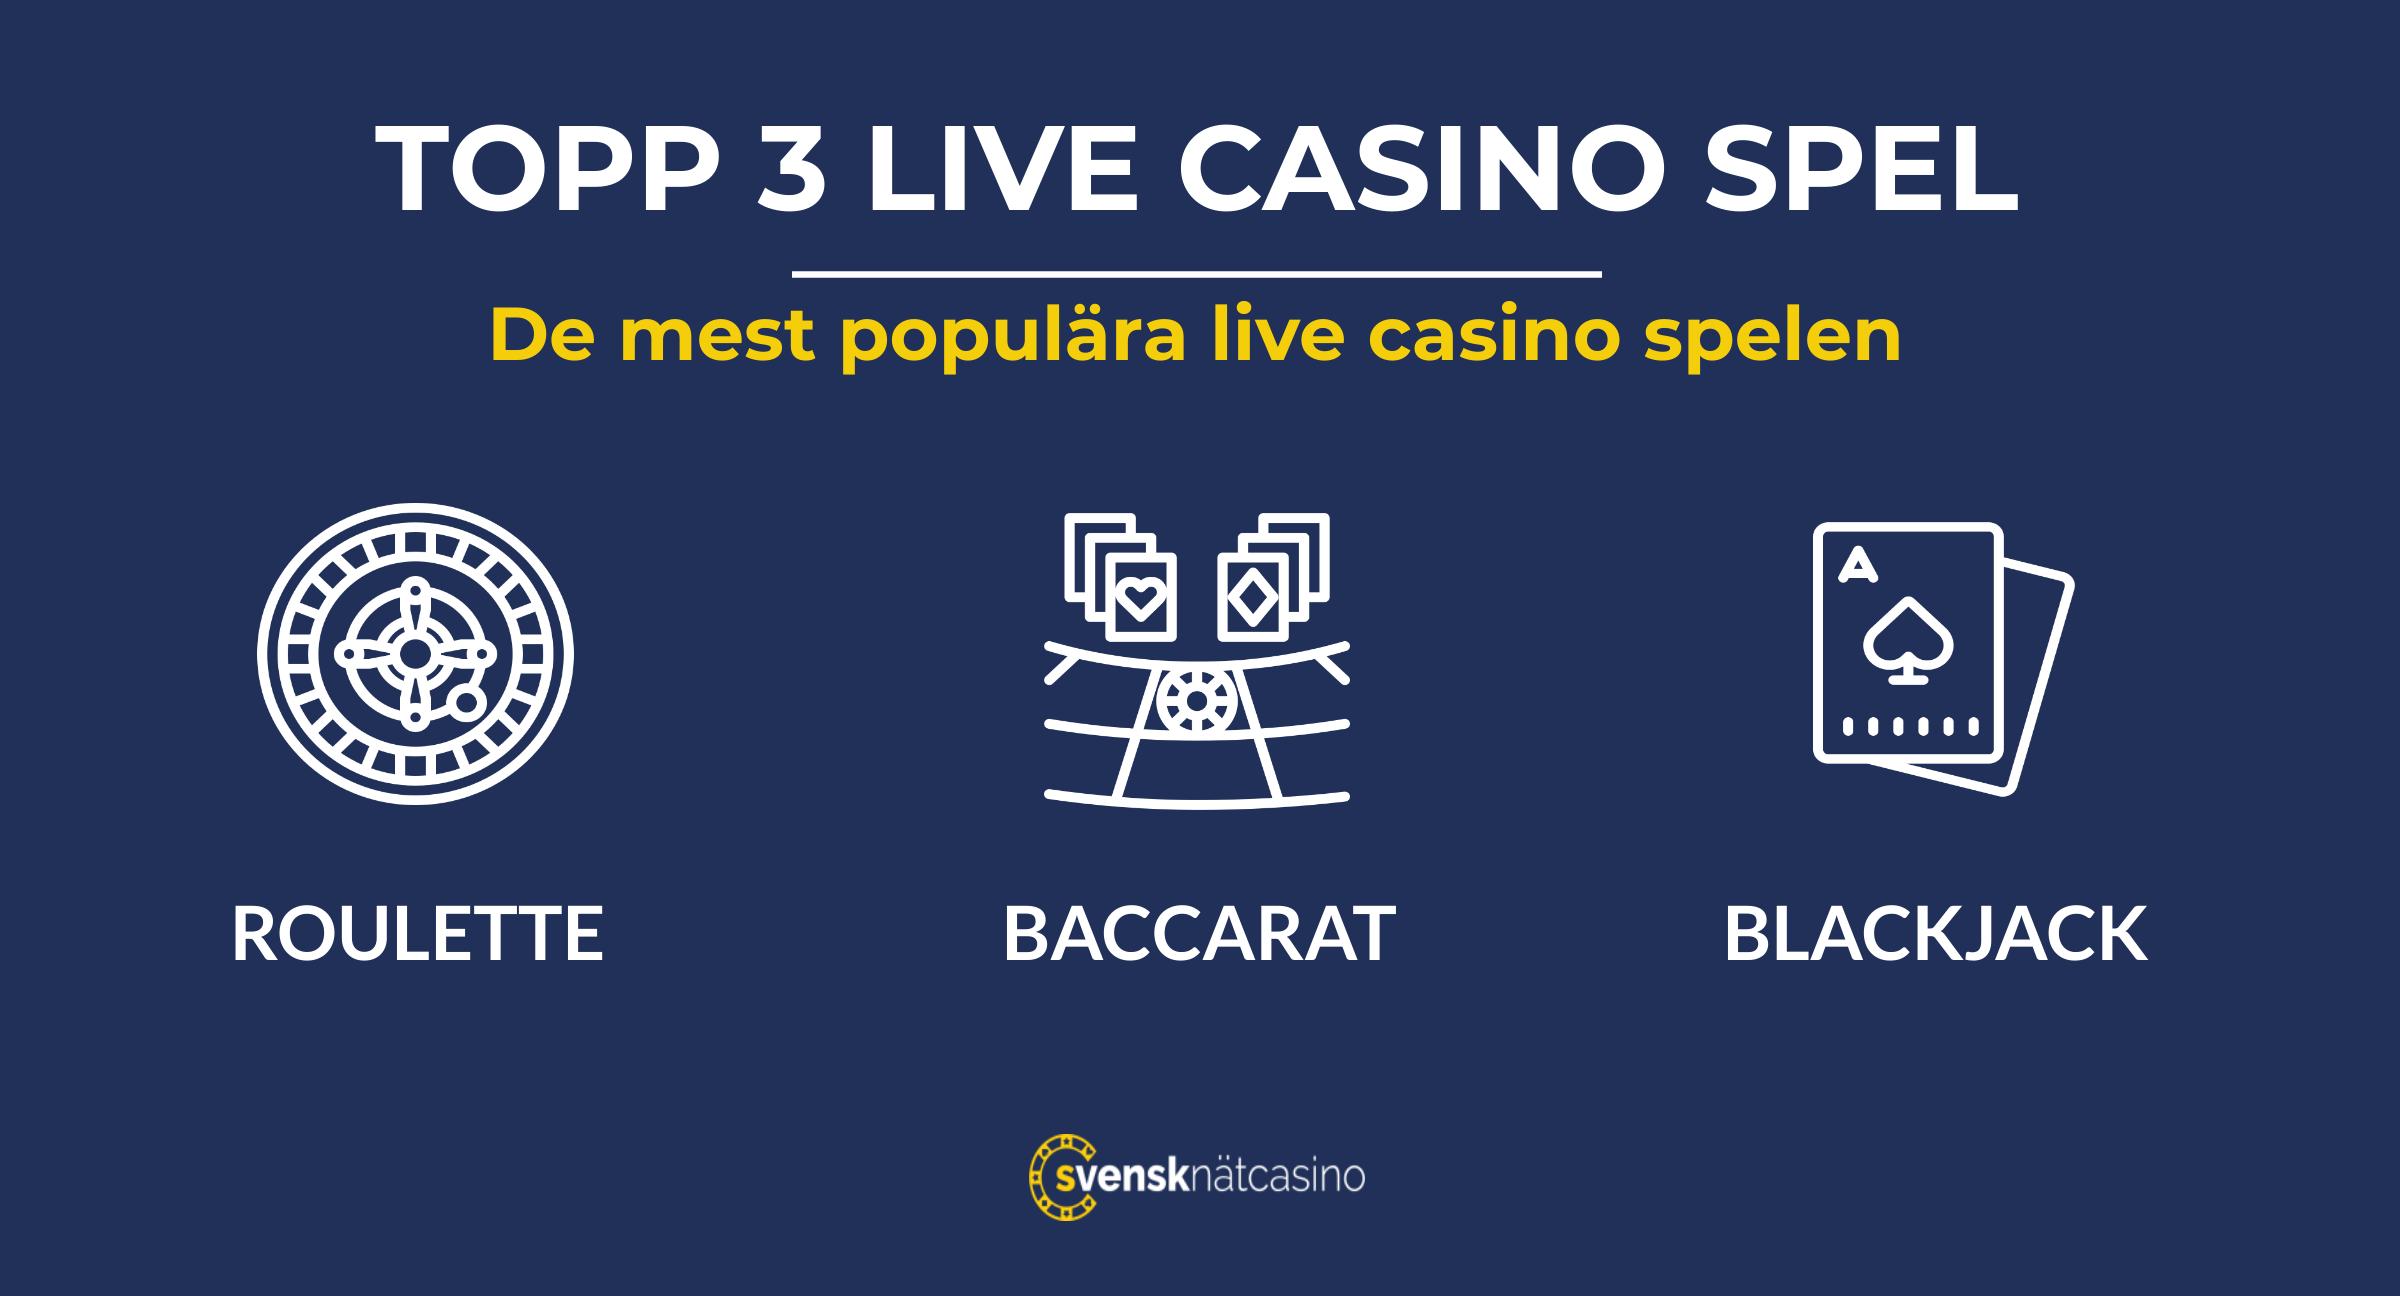 topp 3 live casino spelen i sverige svensknatcasino com